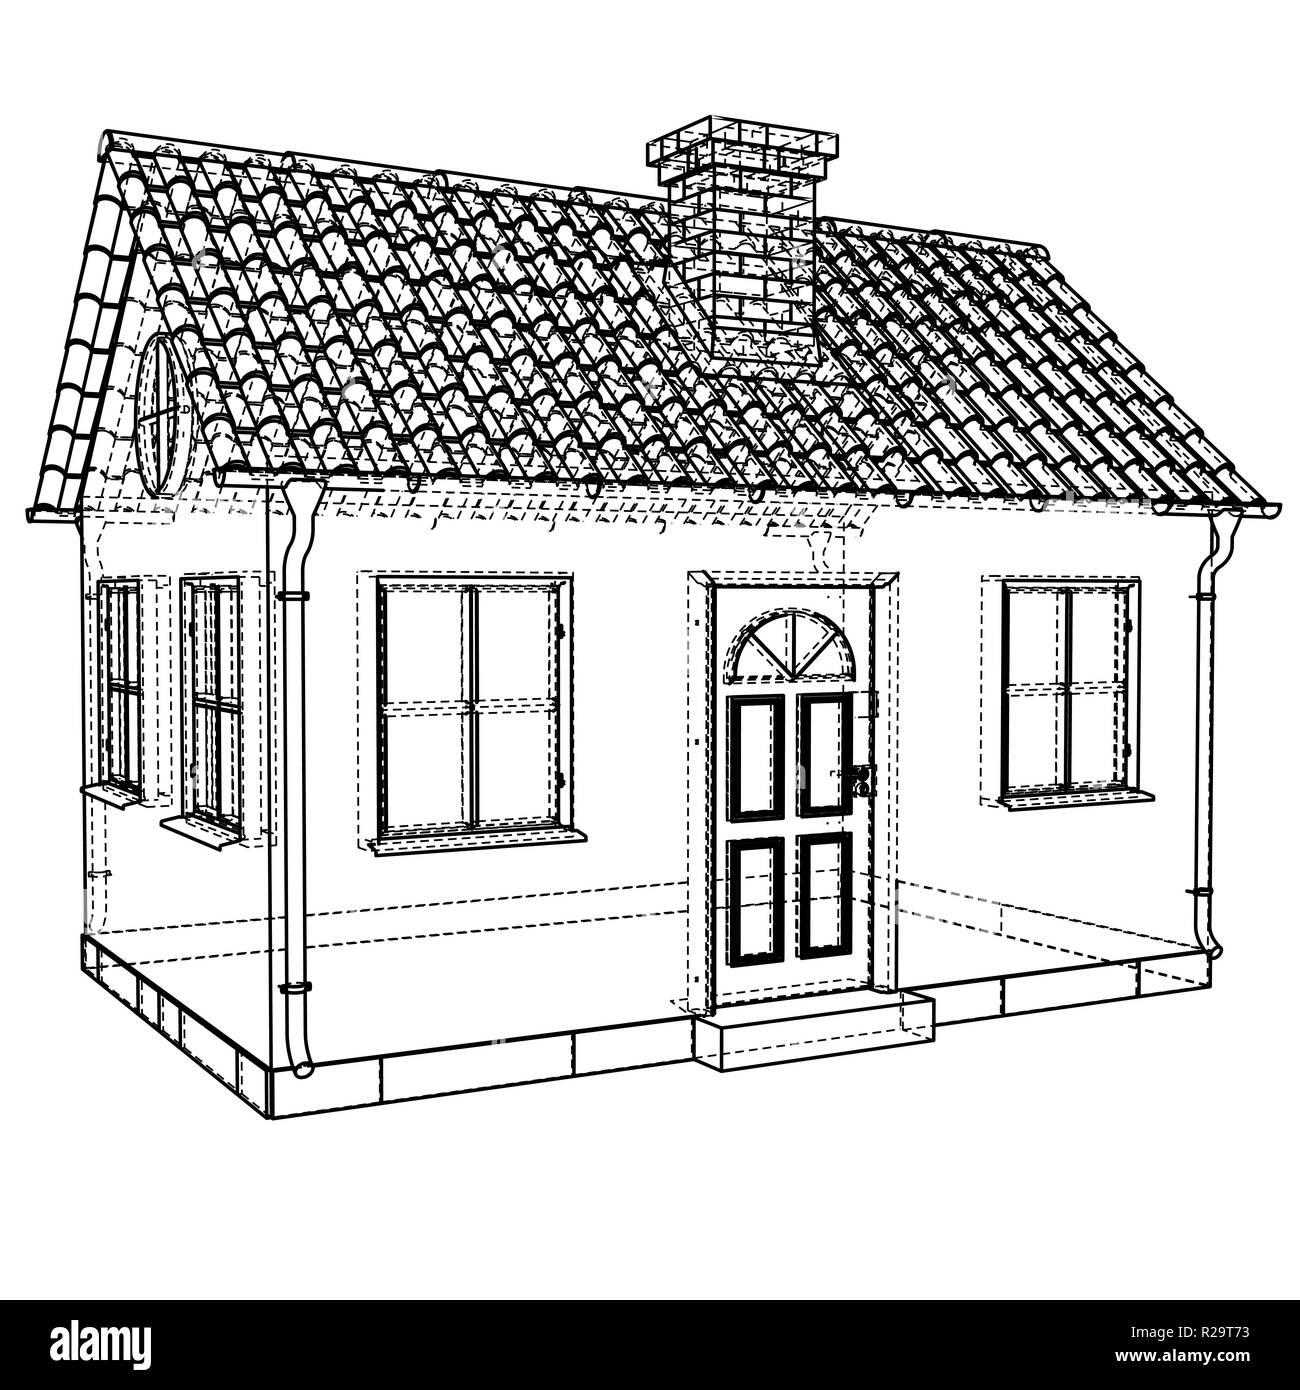 Private Haus Skizze. Vektor Rendering Von 3d Vektor